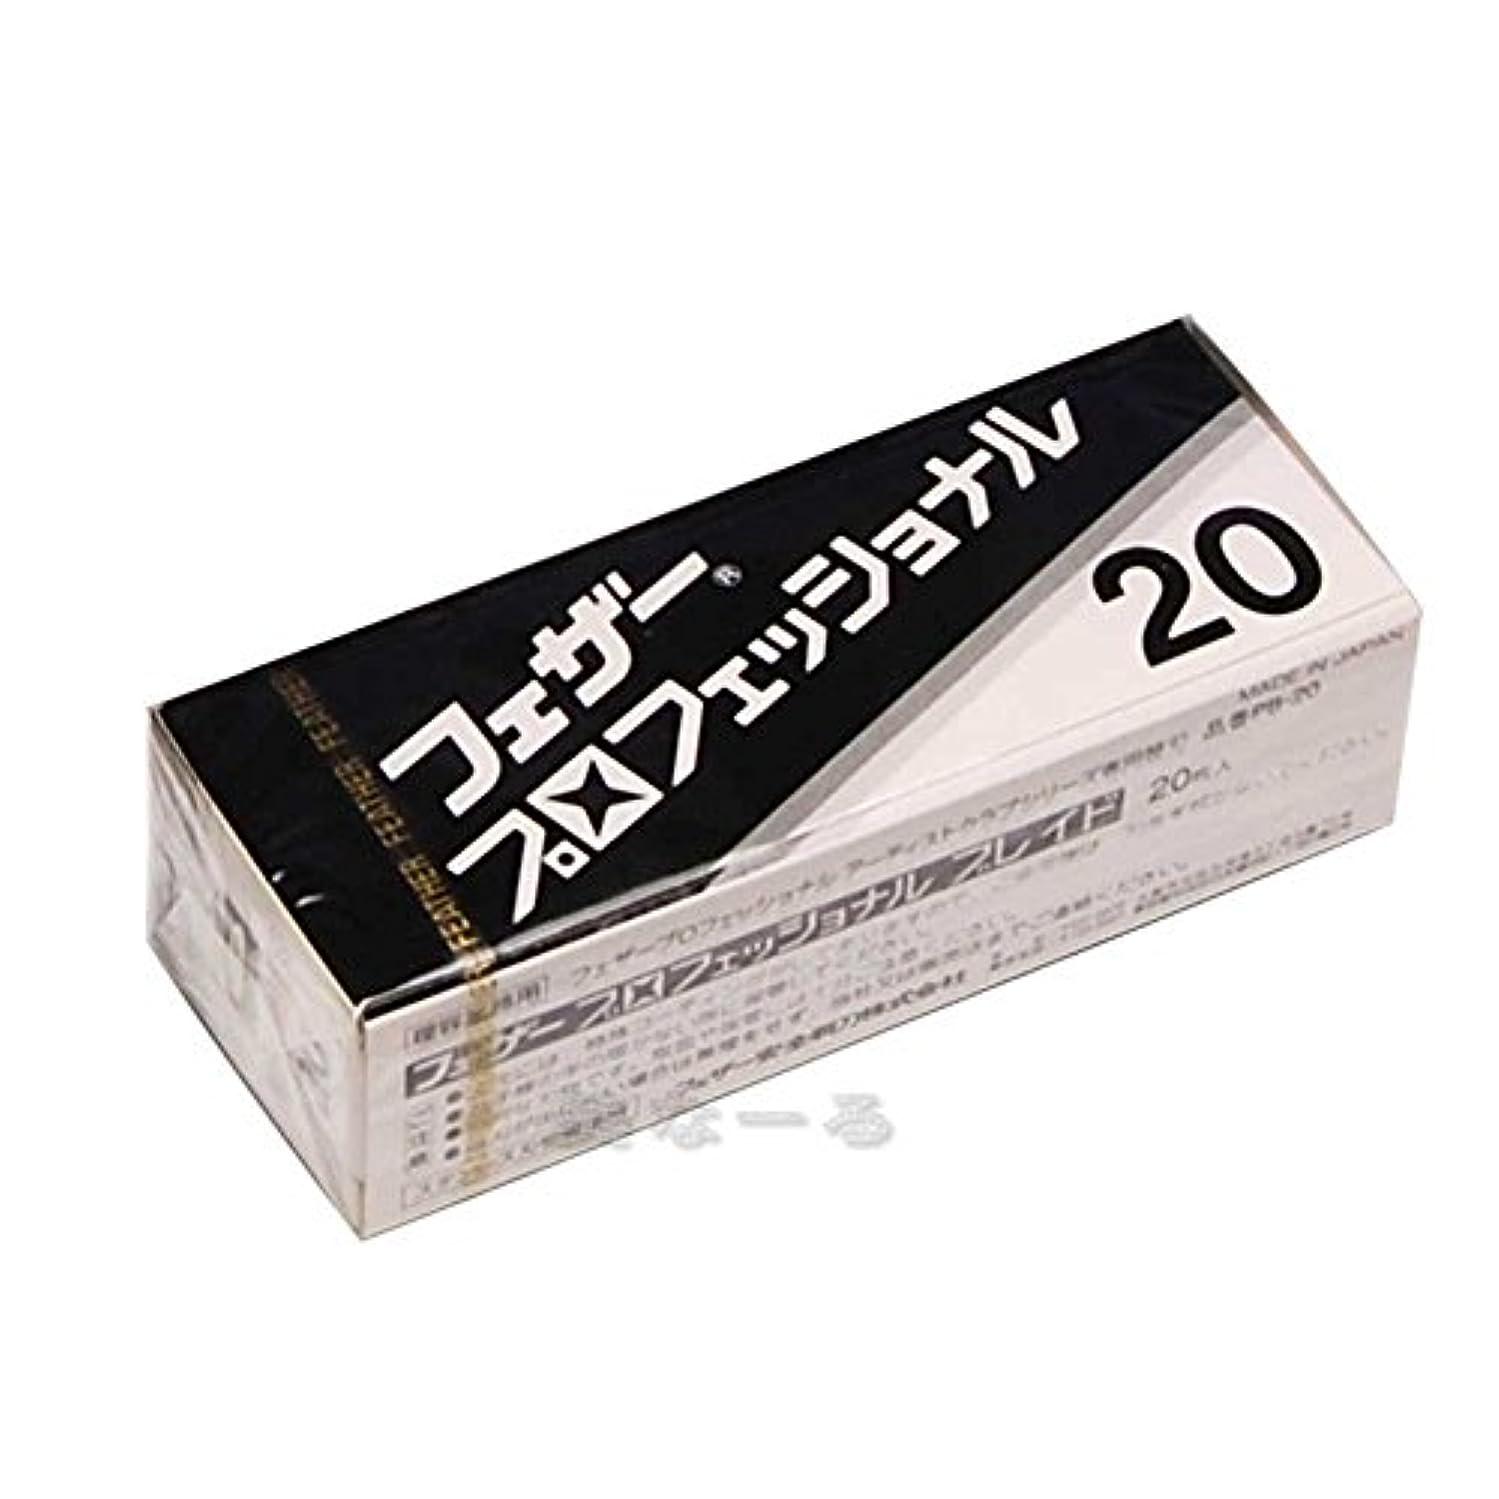 提供するミニ提供するフェザー プロフェッショナル ブレイド PB-20 替刃 20枚入